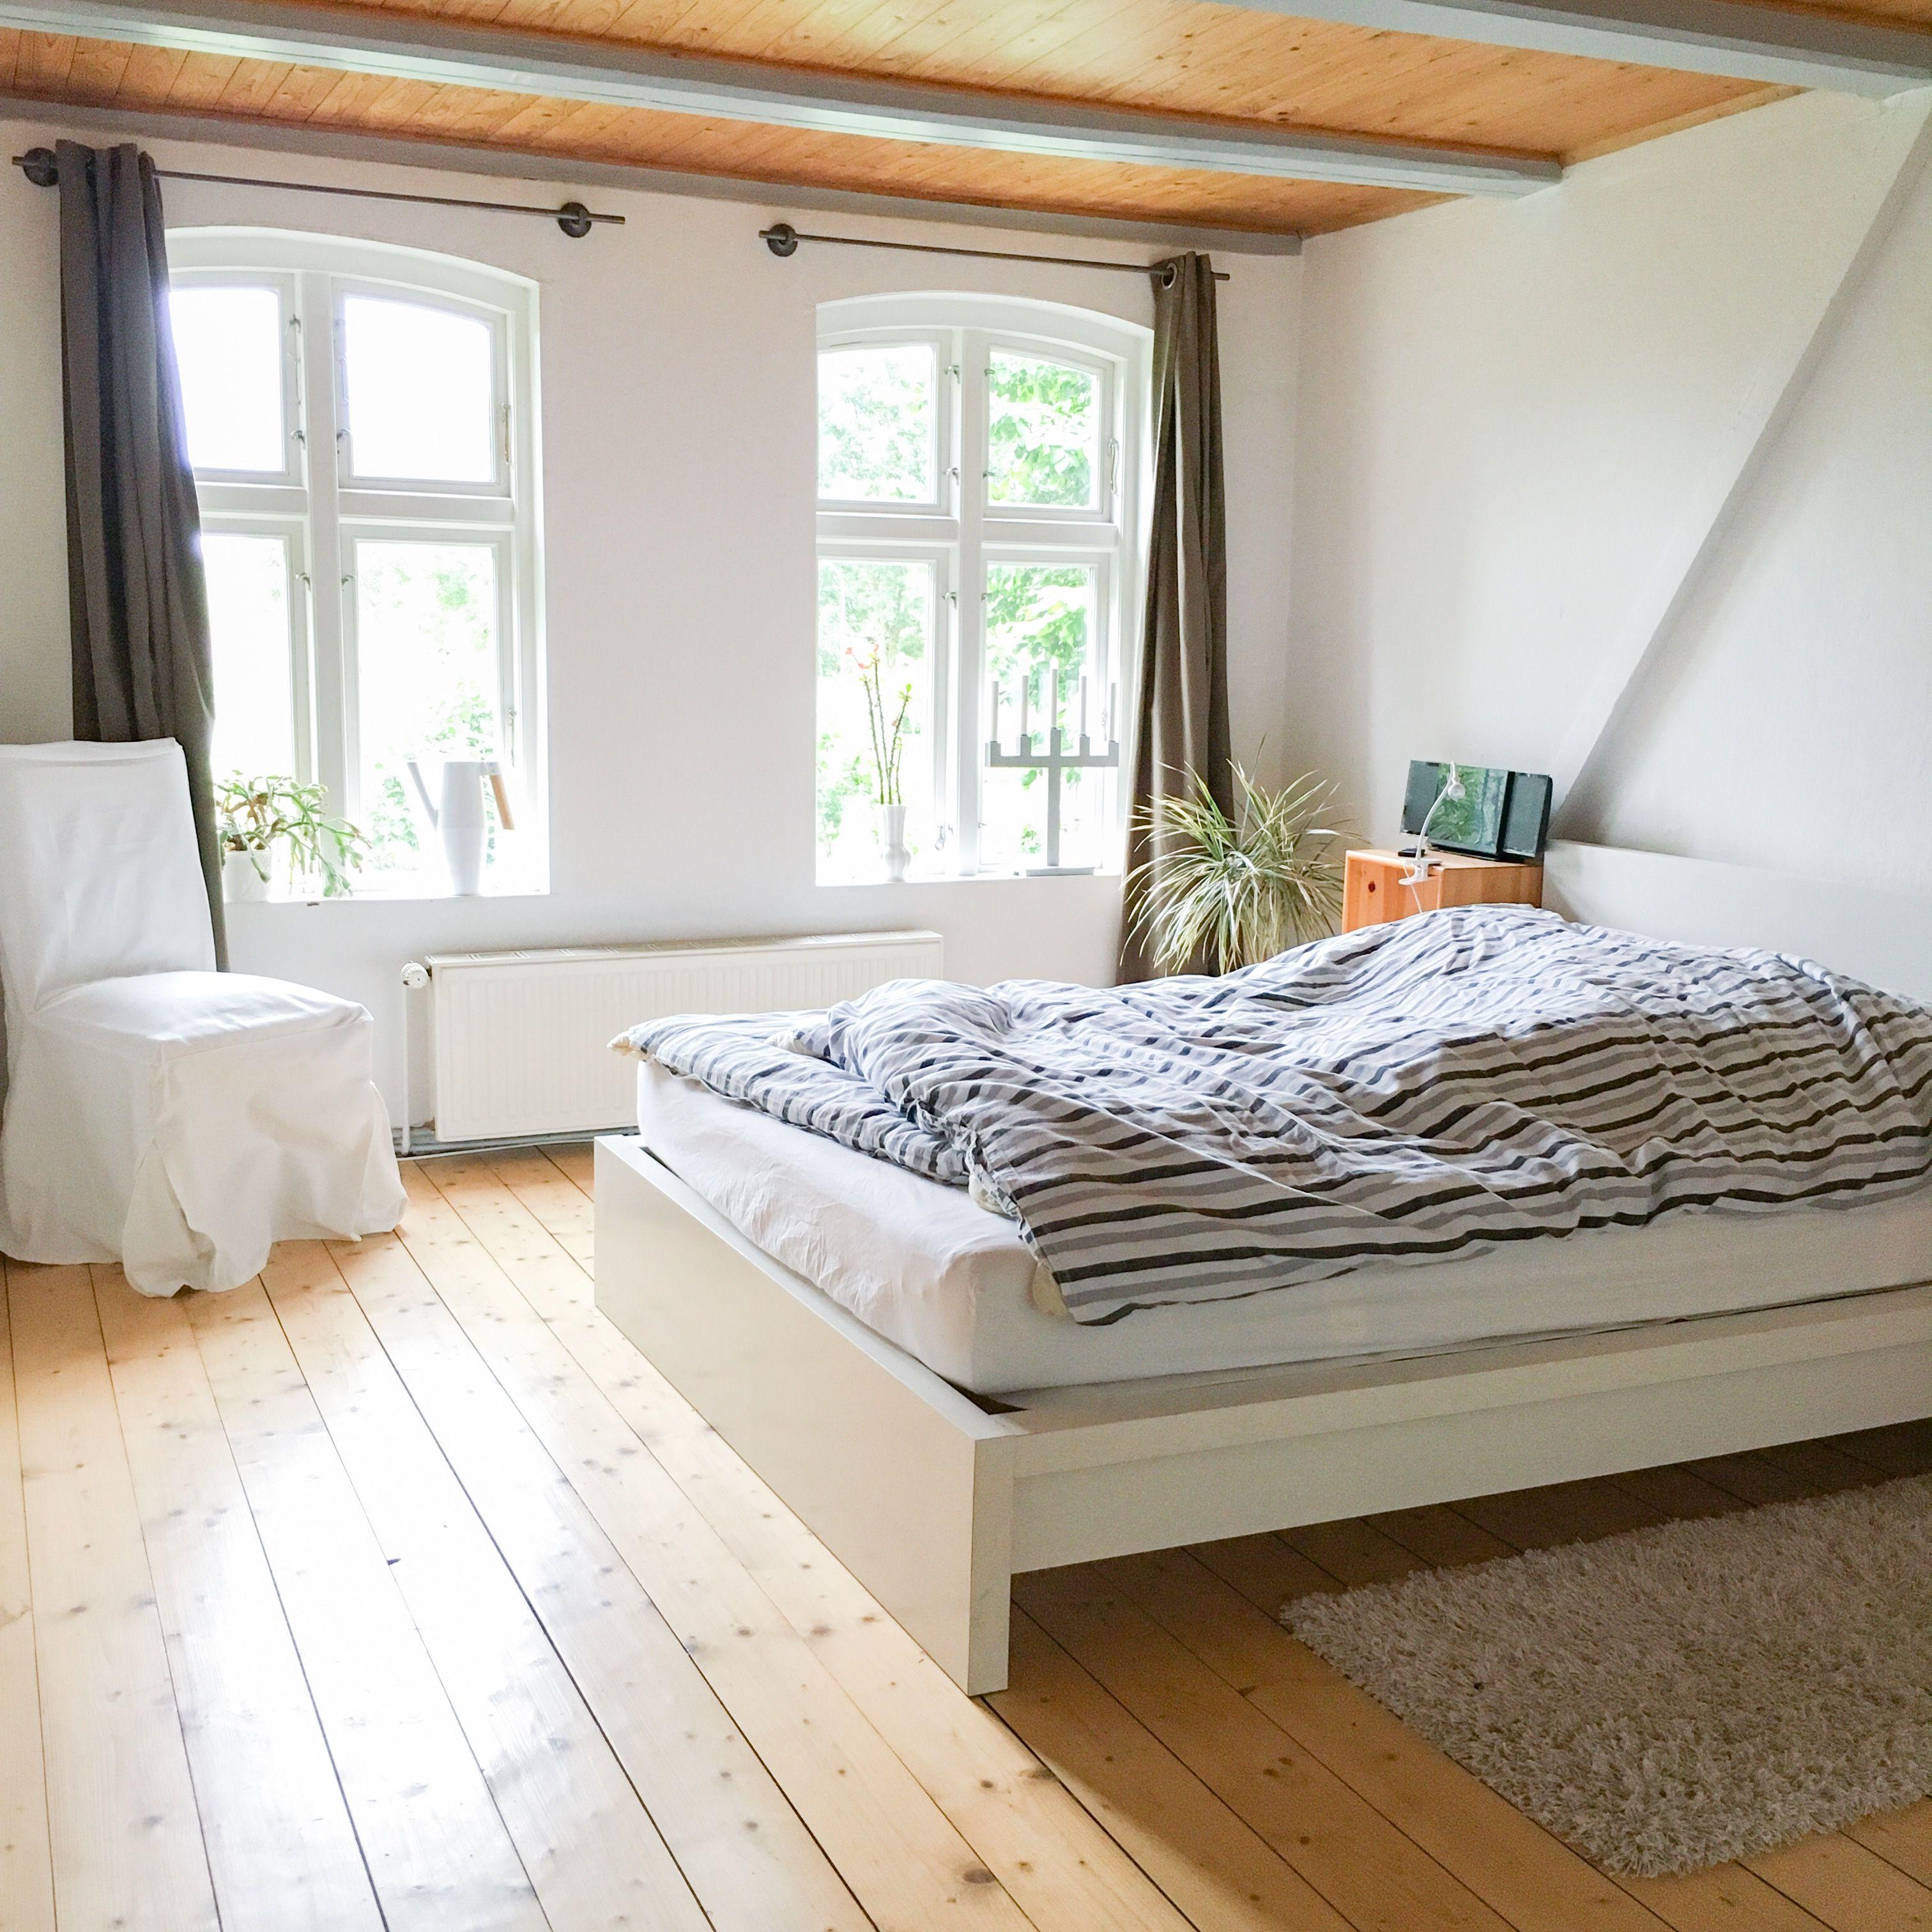 Landhaus, Schlafzimmer, Balken, Holzbalken, Bett, Malm, Landhaus Design